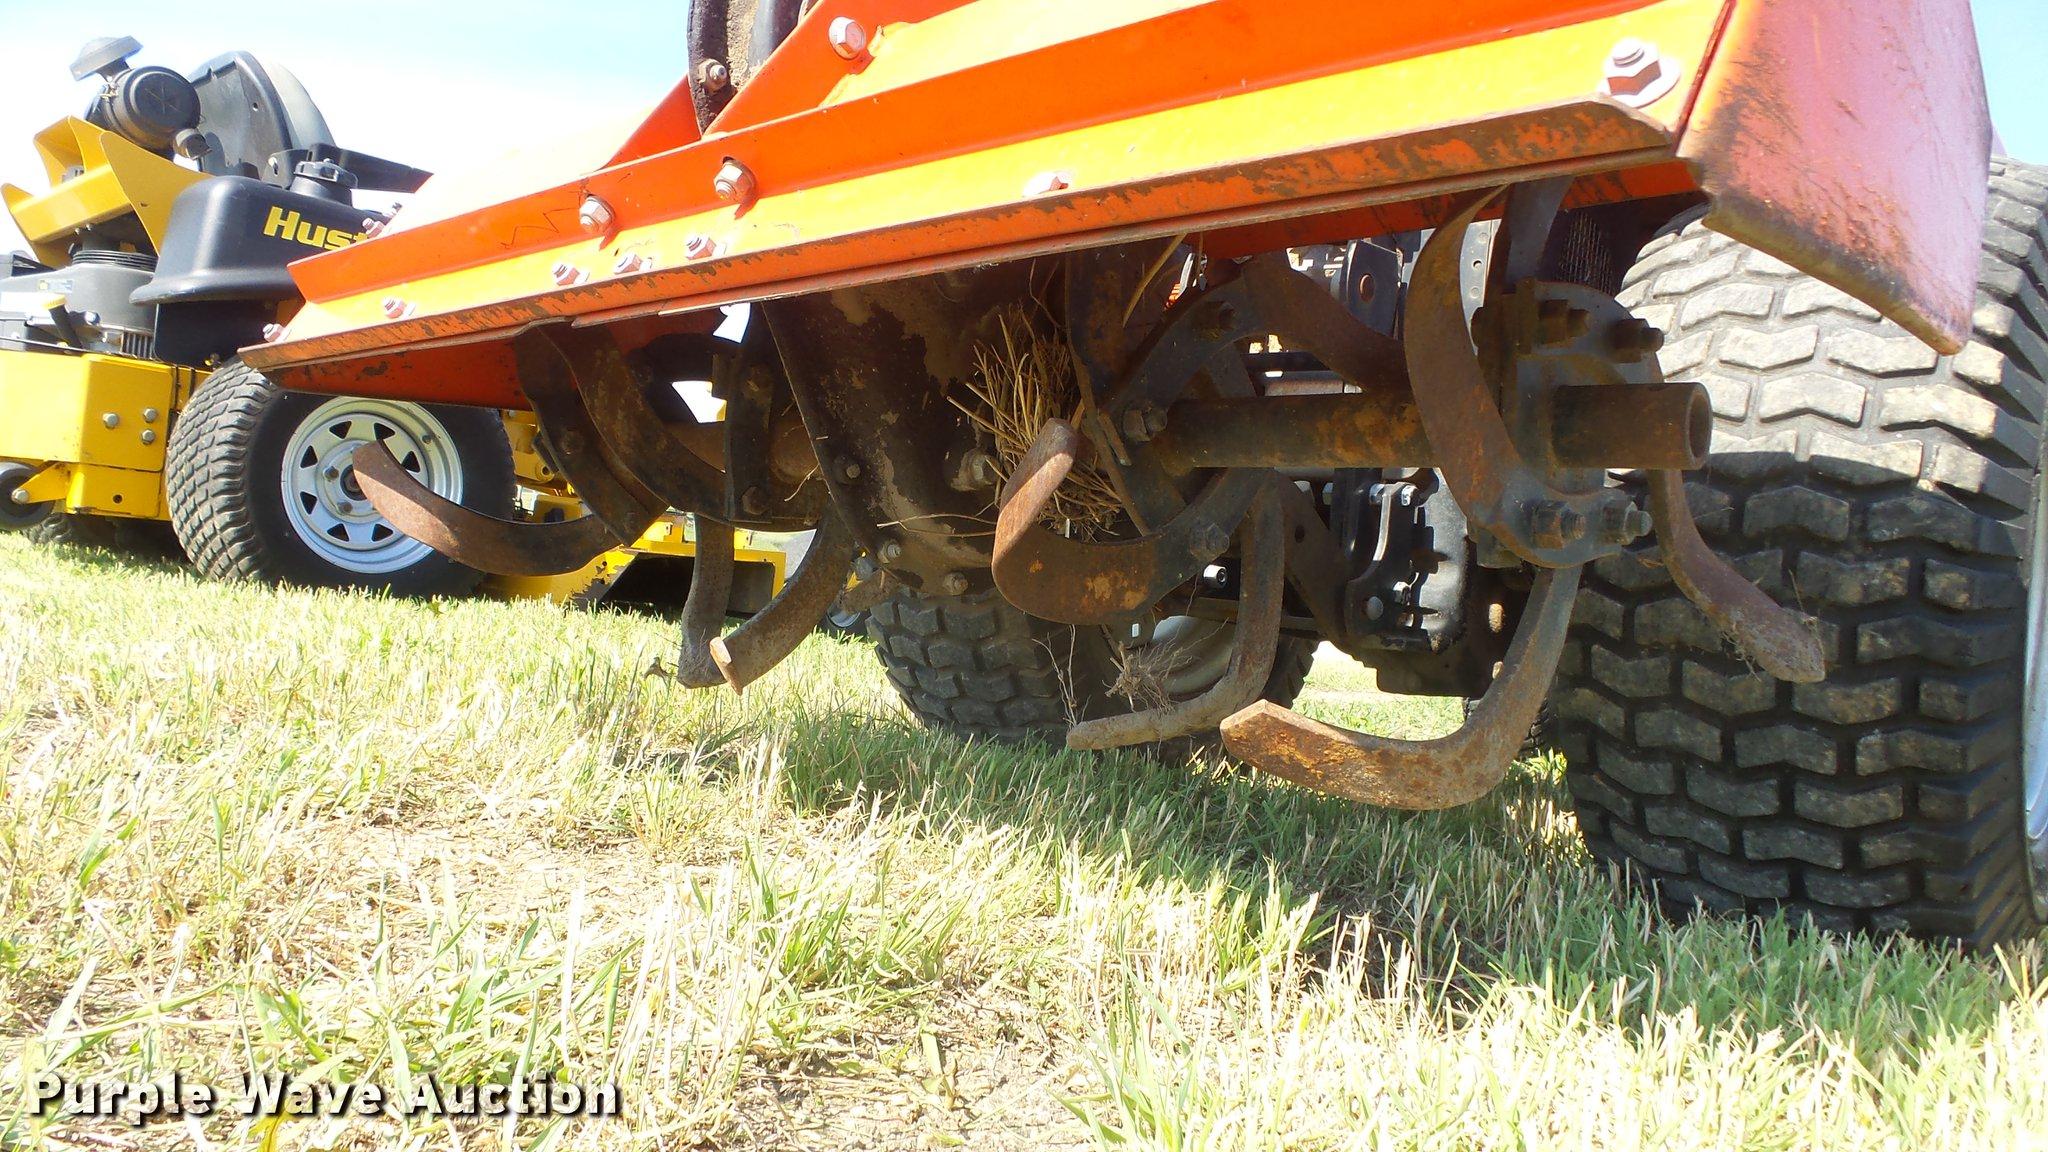 Allis Chalmers Simplicity lawn mower | Item EZ9388 | SOLD! J...